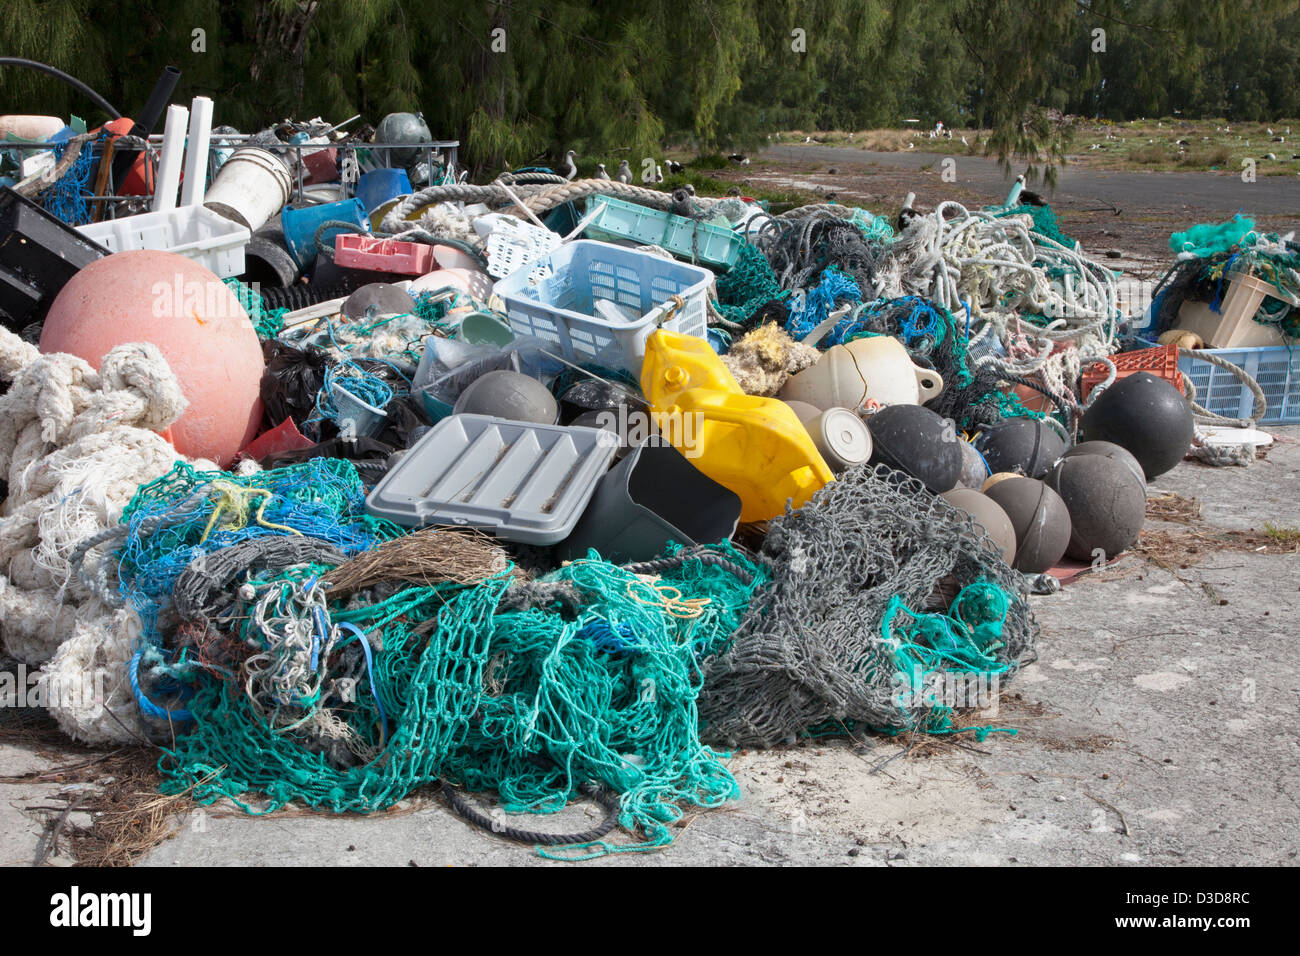 Los desechos marinos trajo al Atolón de Midway por las corrientes oceánicas, a continuación, recogidos para ser enviados fuera de la isla para su reciclado o eliminación Foto de stock